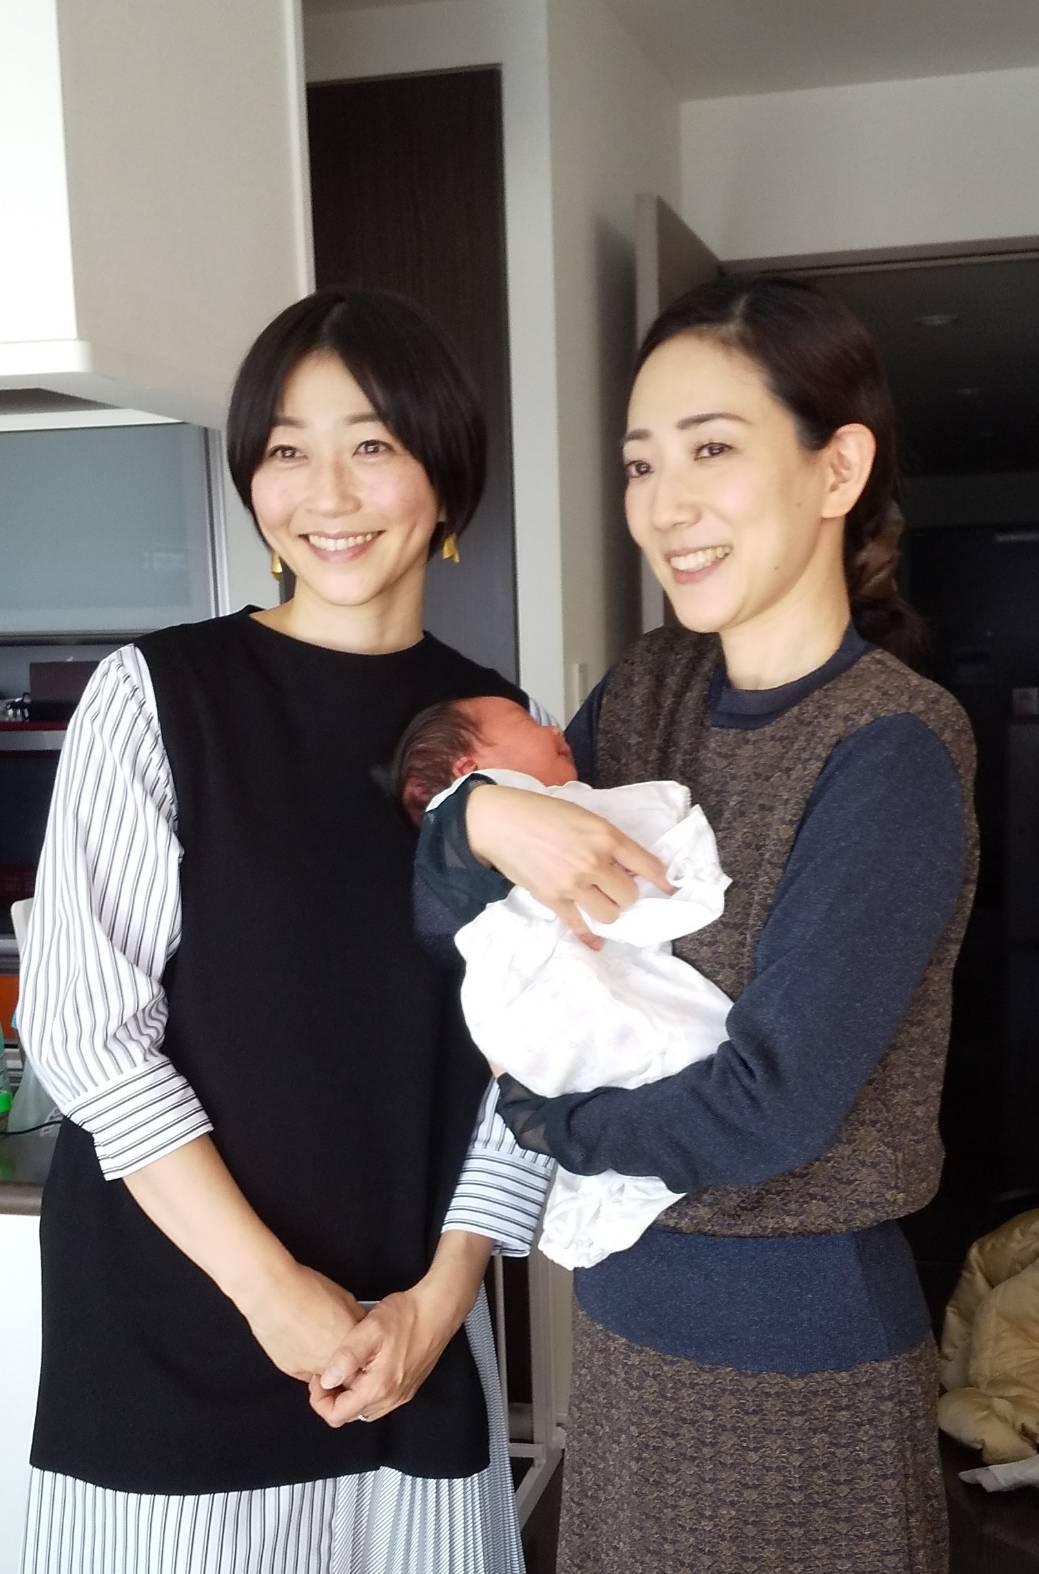 【お知らせ】5月5日 TBS「News23」で特別養子縁組について放送されます